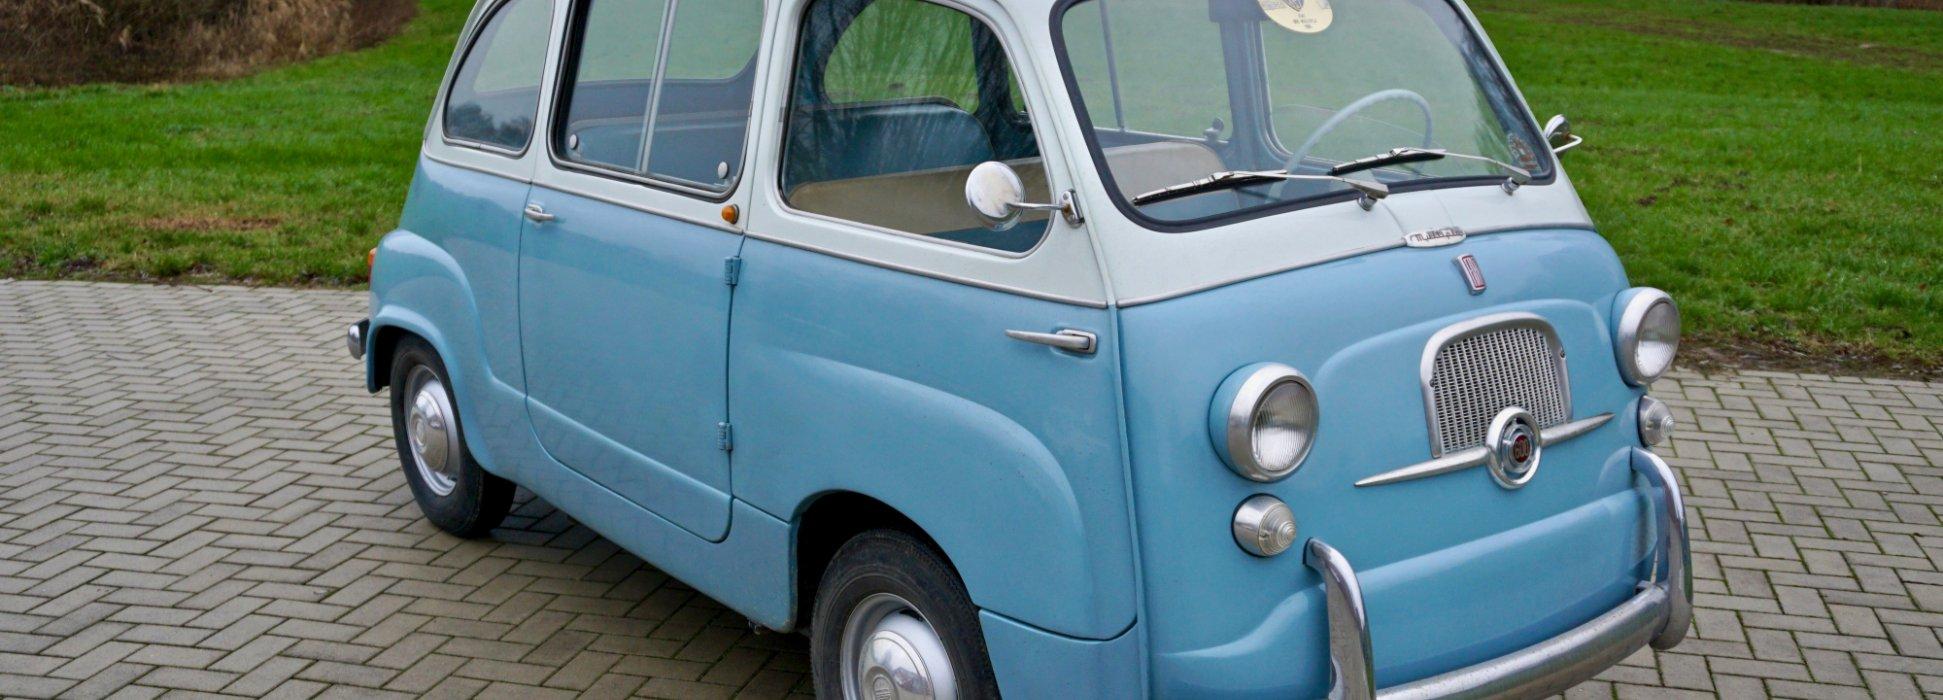 Fiat 600 Multipla Kleinbus 1